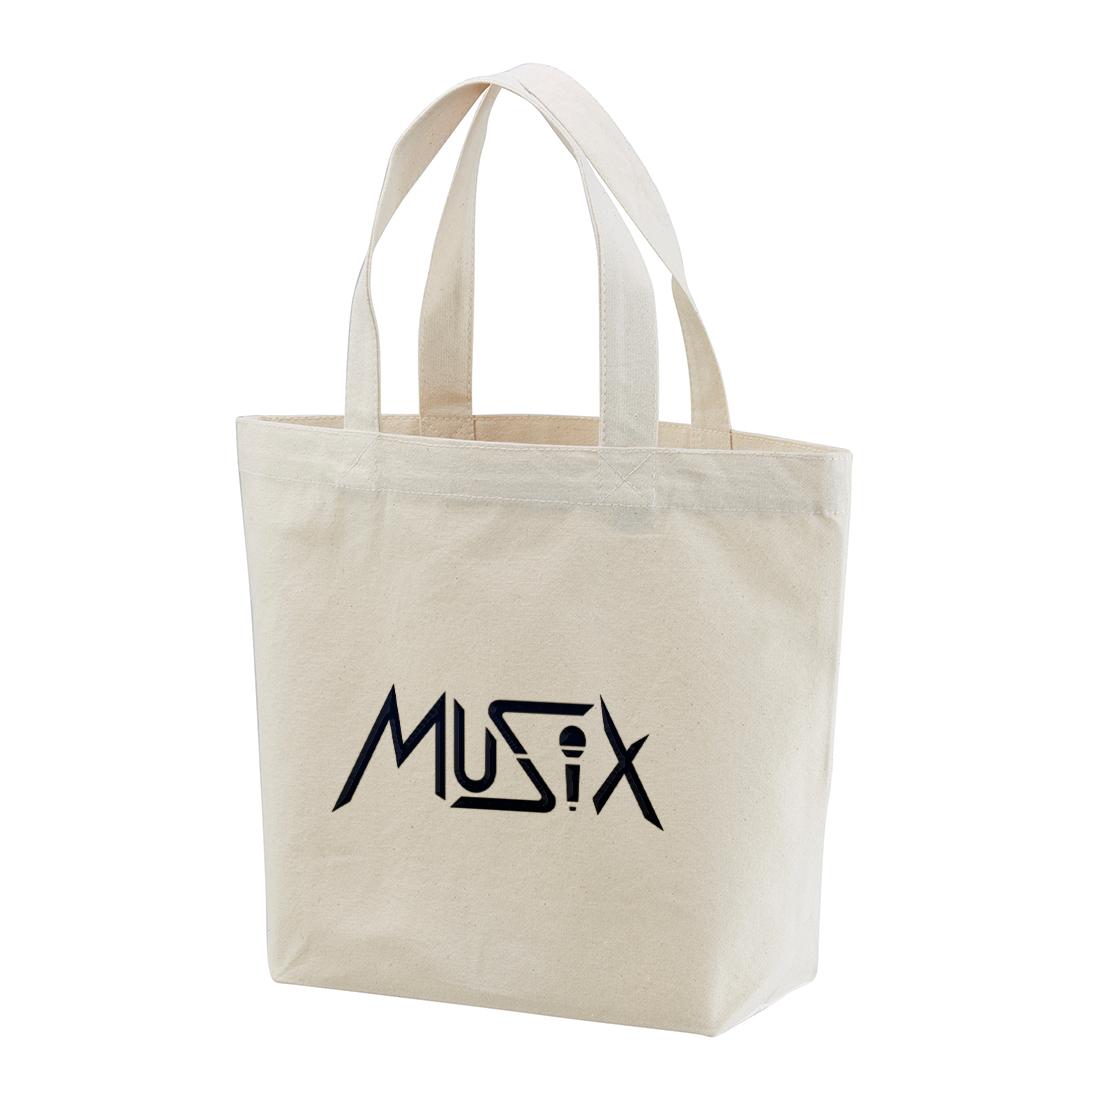 190611 – Musix